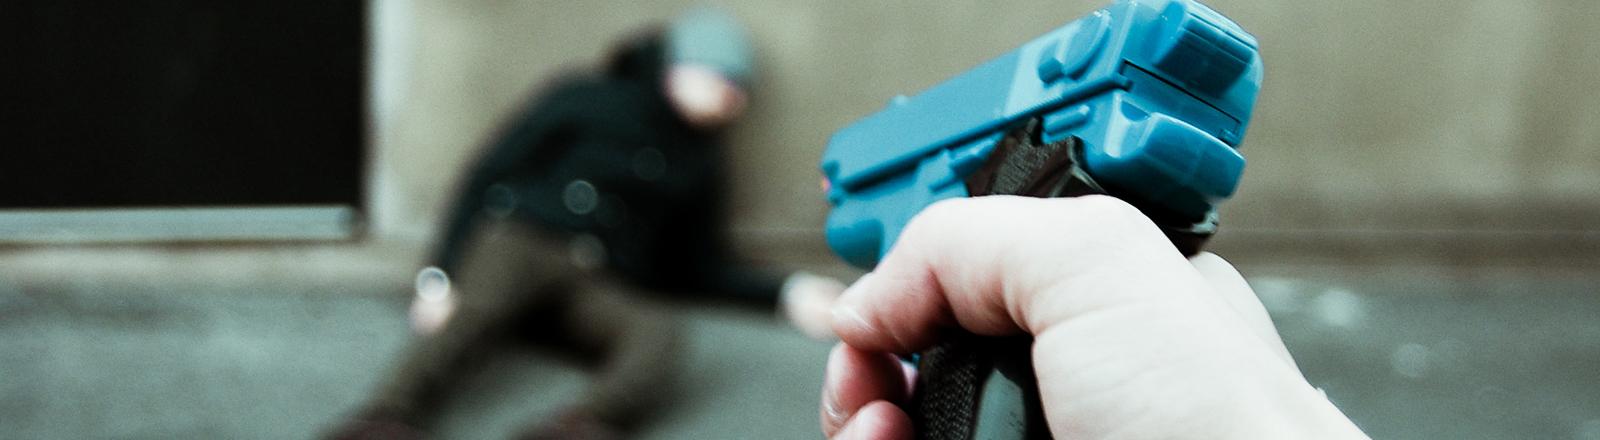 Mann oder Frau zielt mit Pistole auf einen Mann